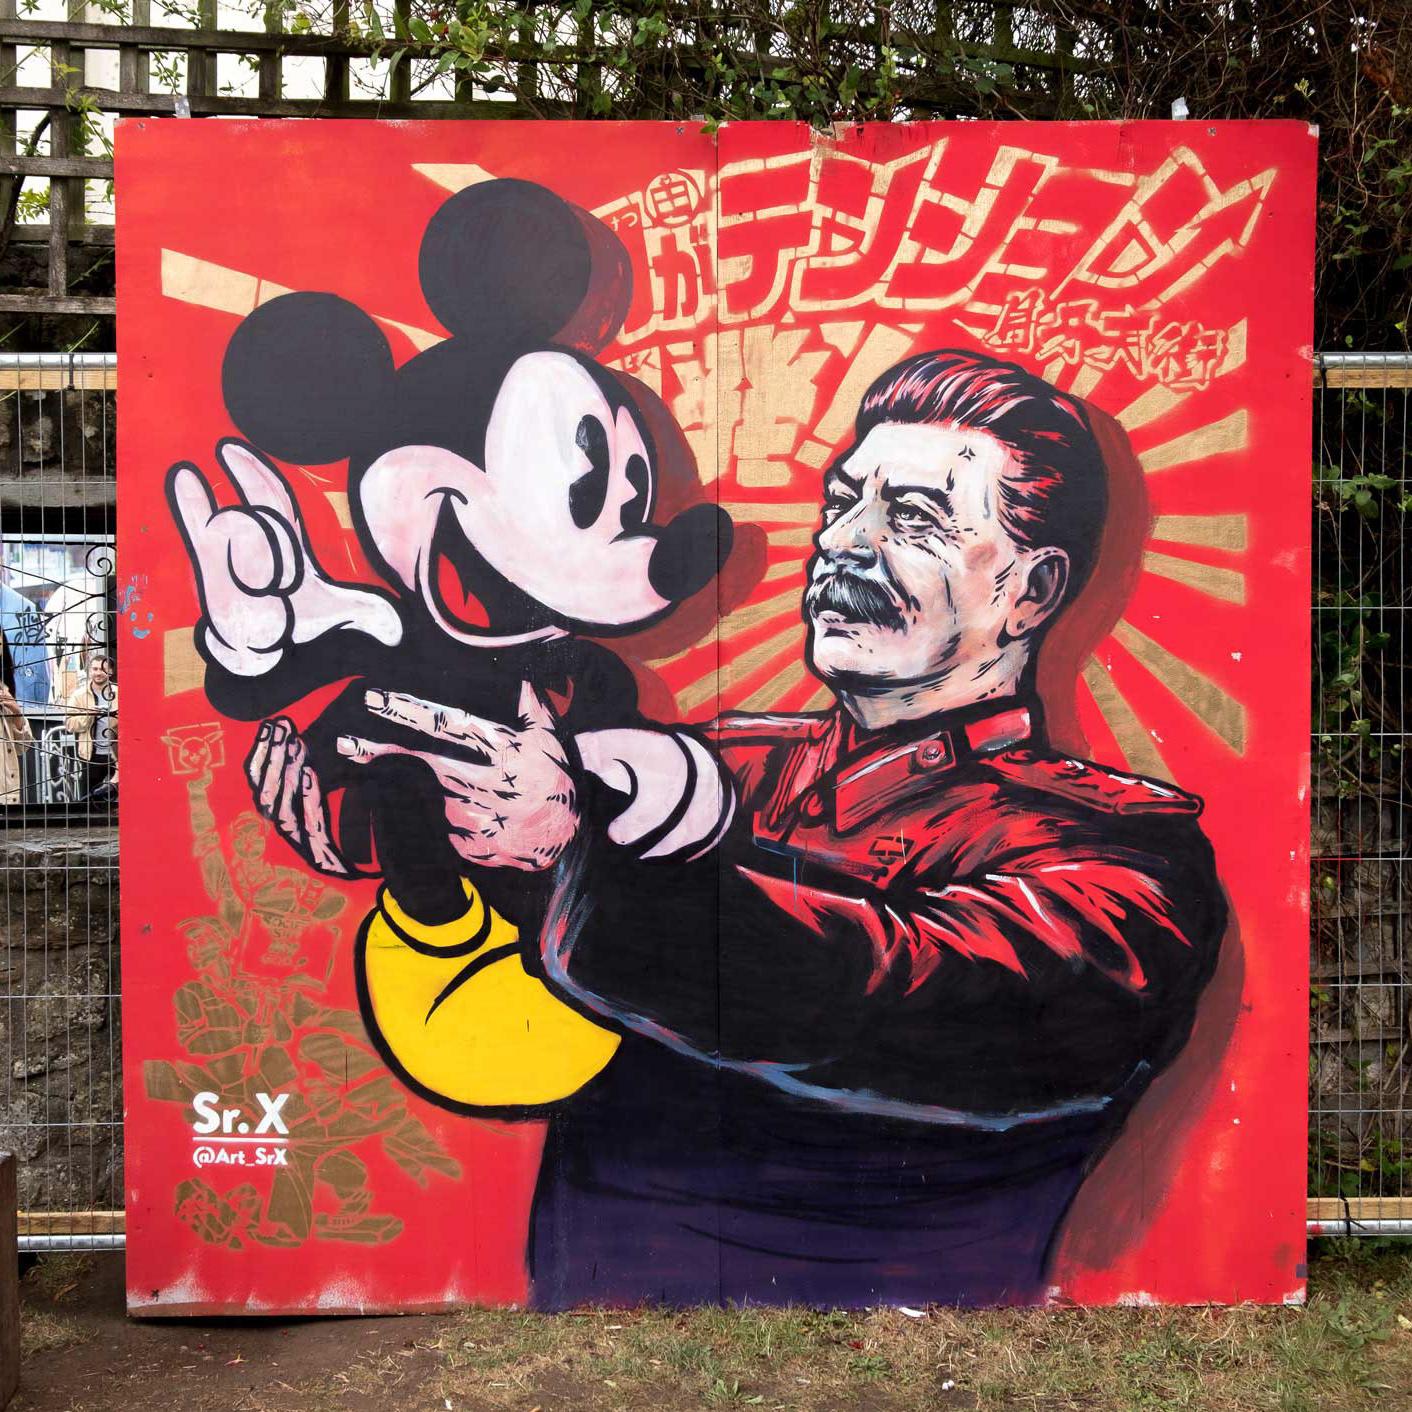 Sr. X - Street Art